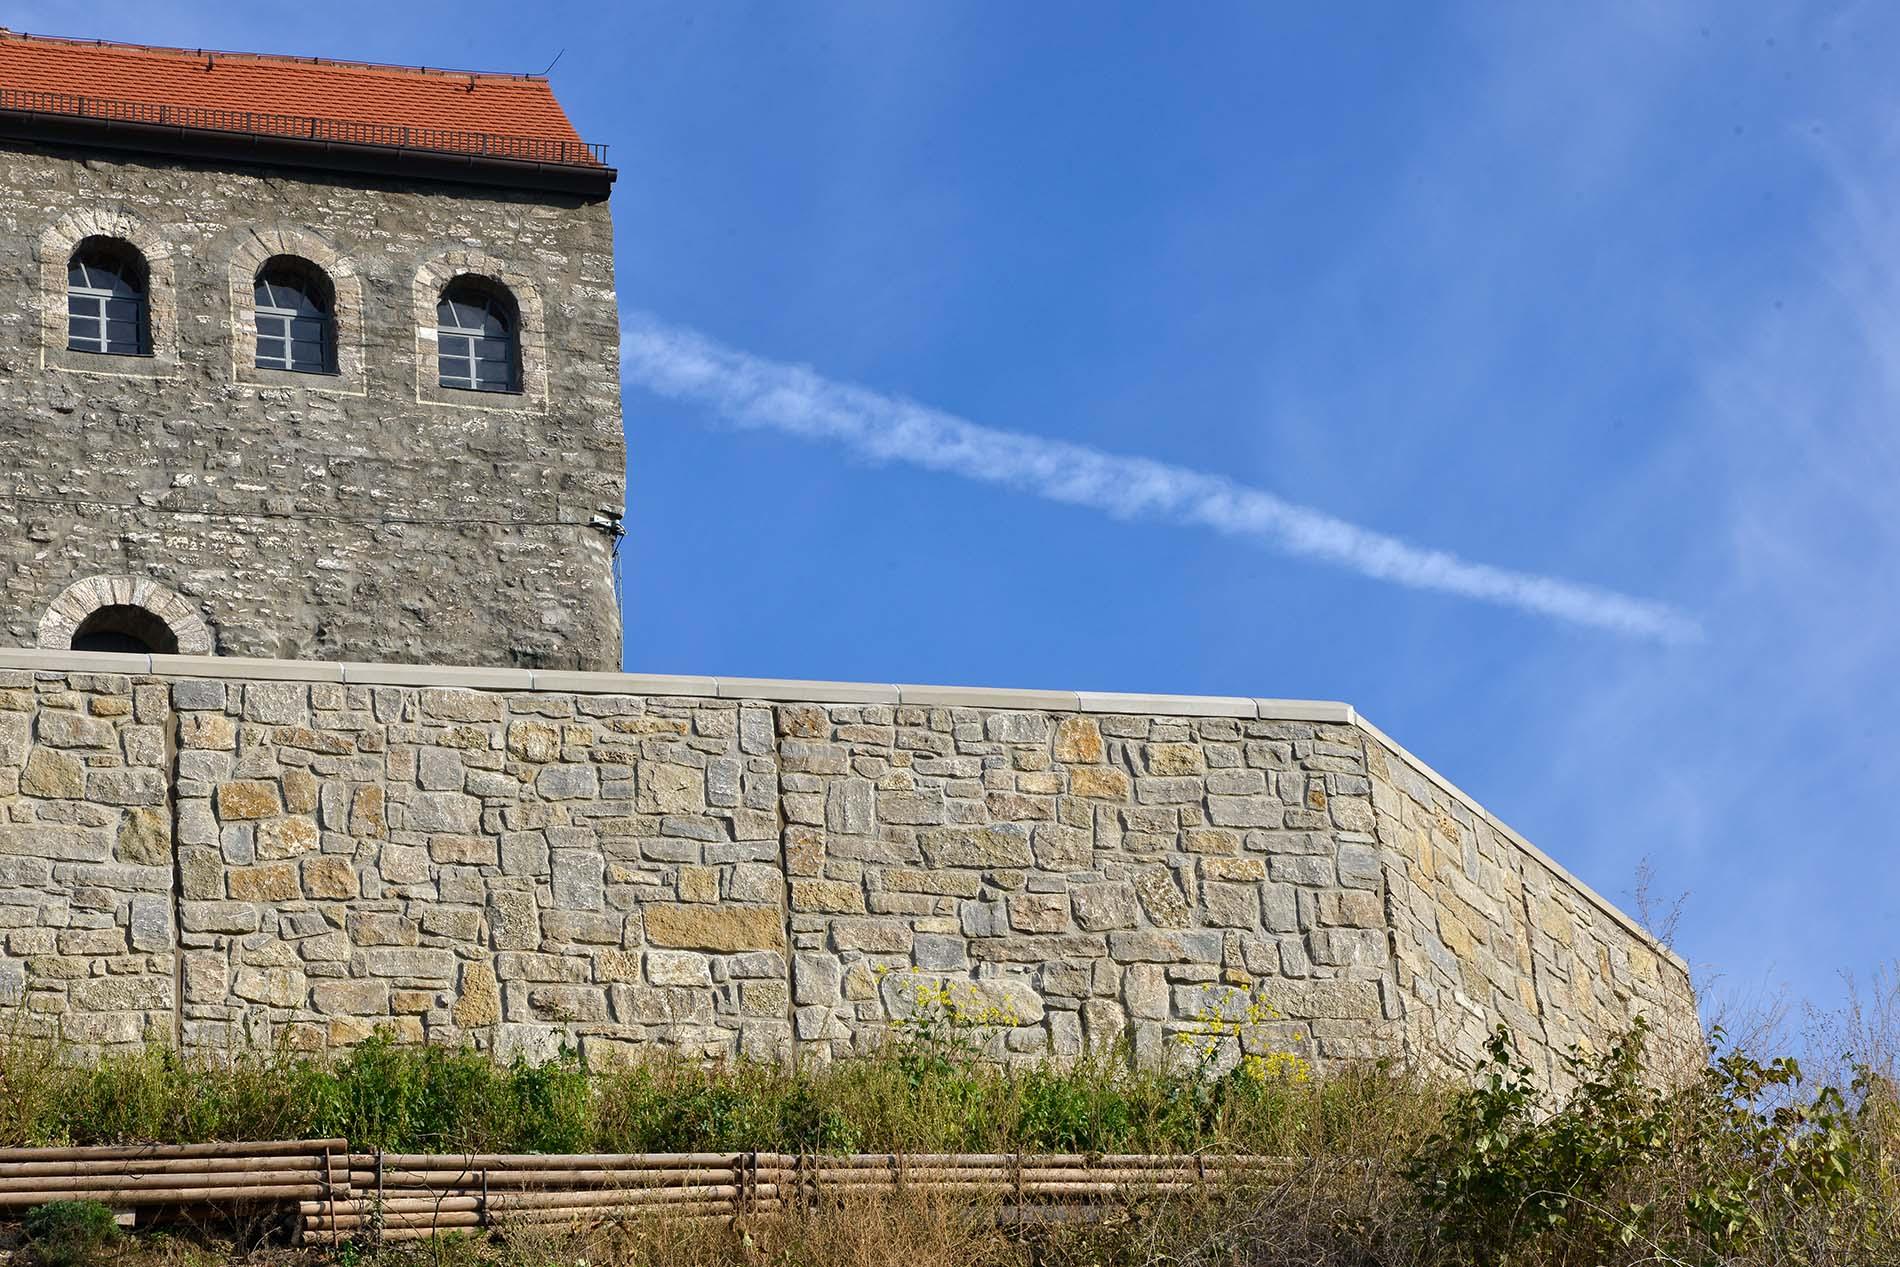 Hausmannsturm Bad Frankenhausen Mauersteine aus Muschelkalk von TRACO